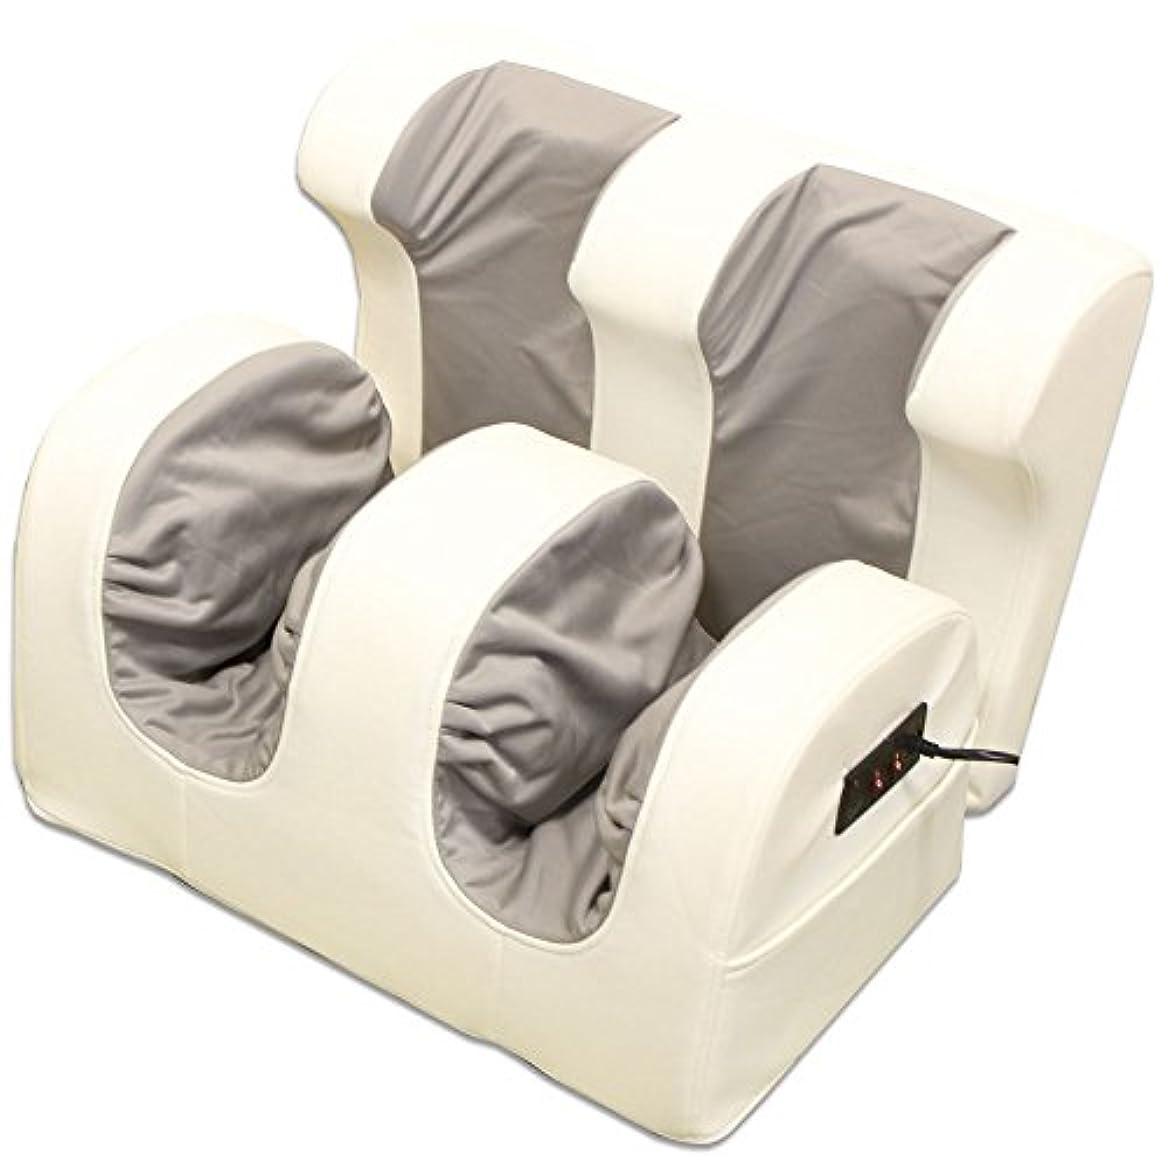 食器棚思いやりのあるいつでも足マッサージ器 ホワイト×グレー ヒーター付き 白 足裏 ふくらはぎ 引き締め 揉み上げ 家庭用 マッサージ機